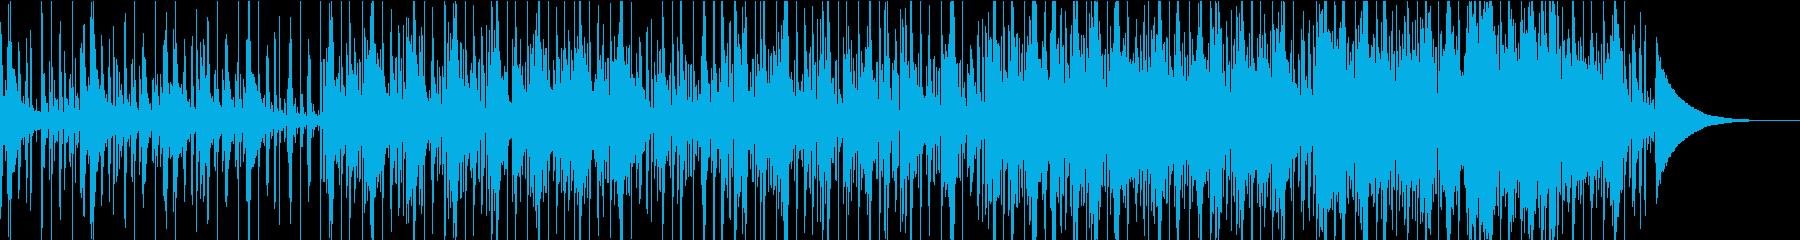 ピアノ&電子ドラムの切ないバラードの再生済みの波形